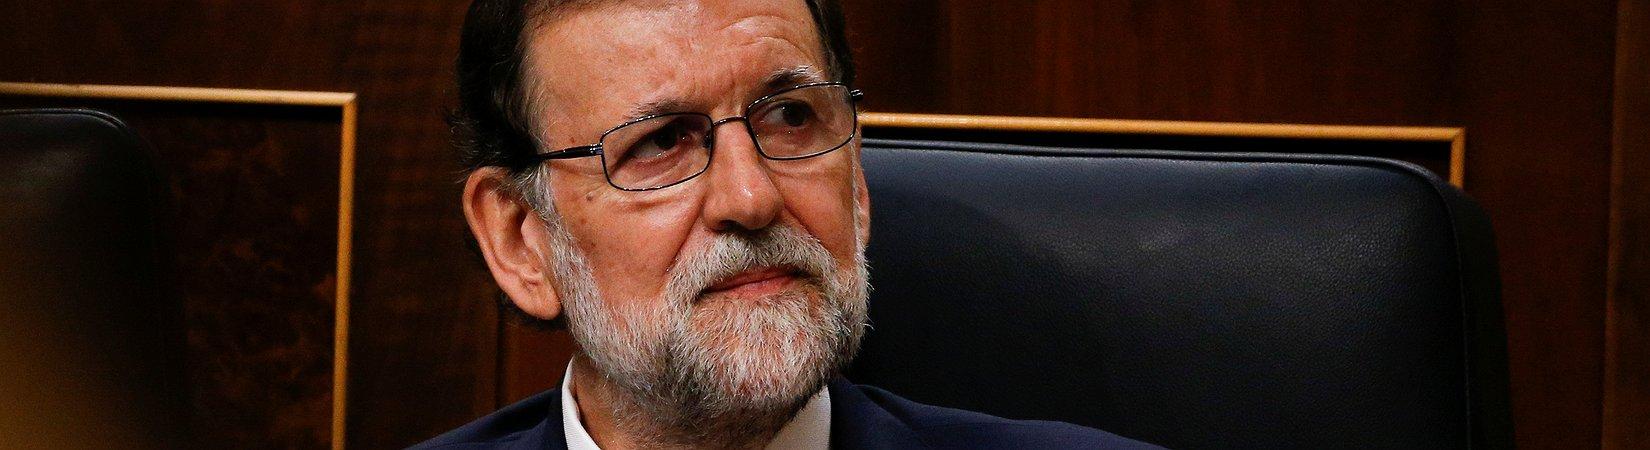 Debate de la moción de censura contra Mariano Rajoy